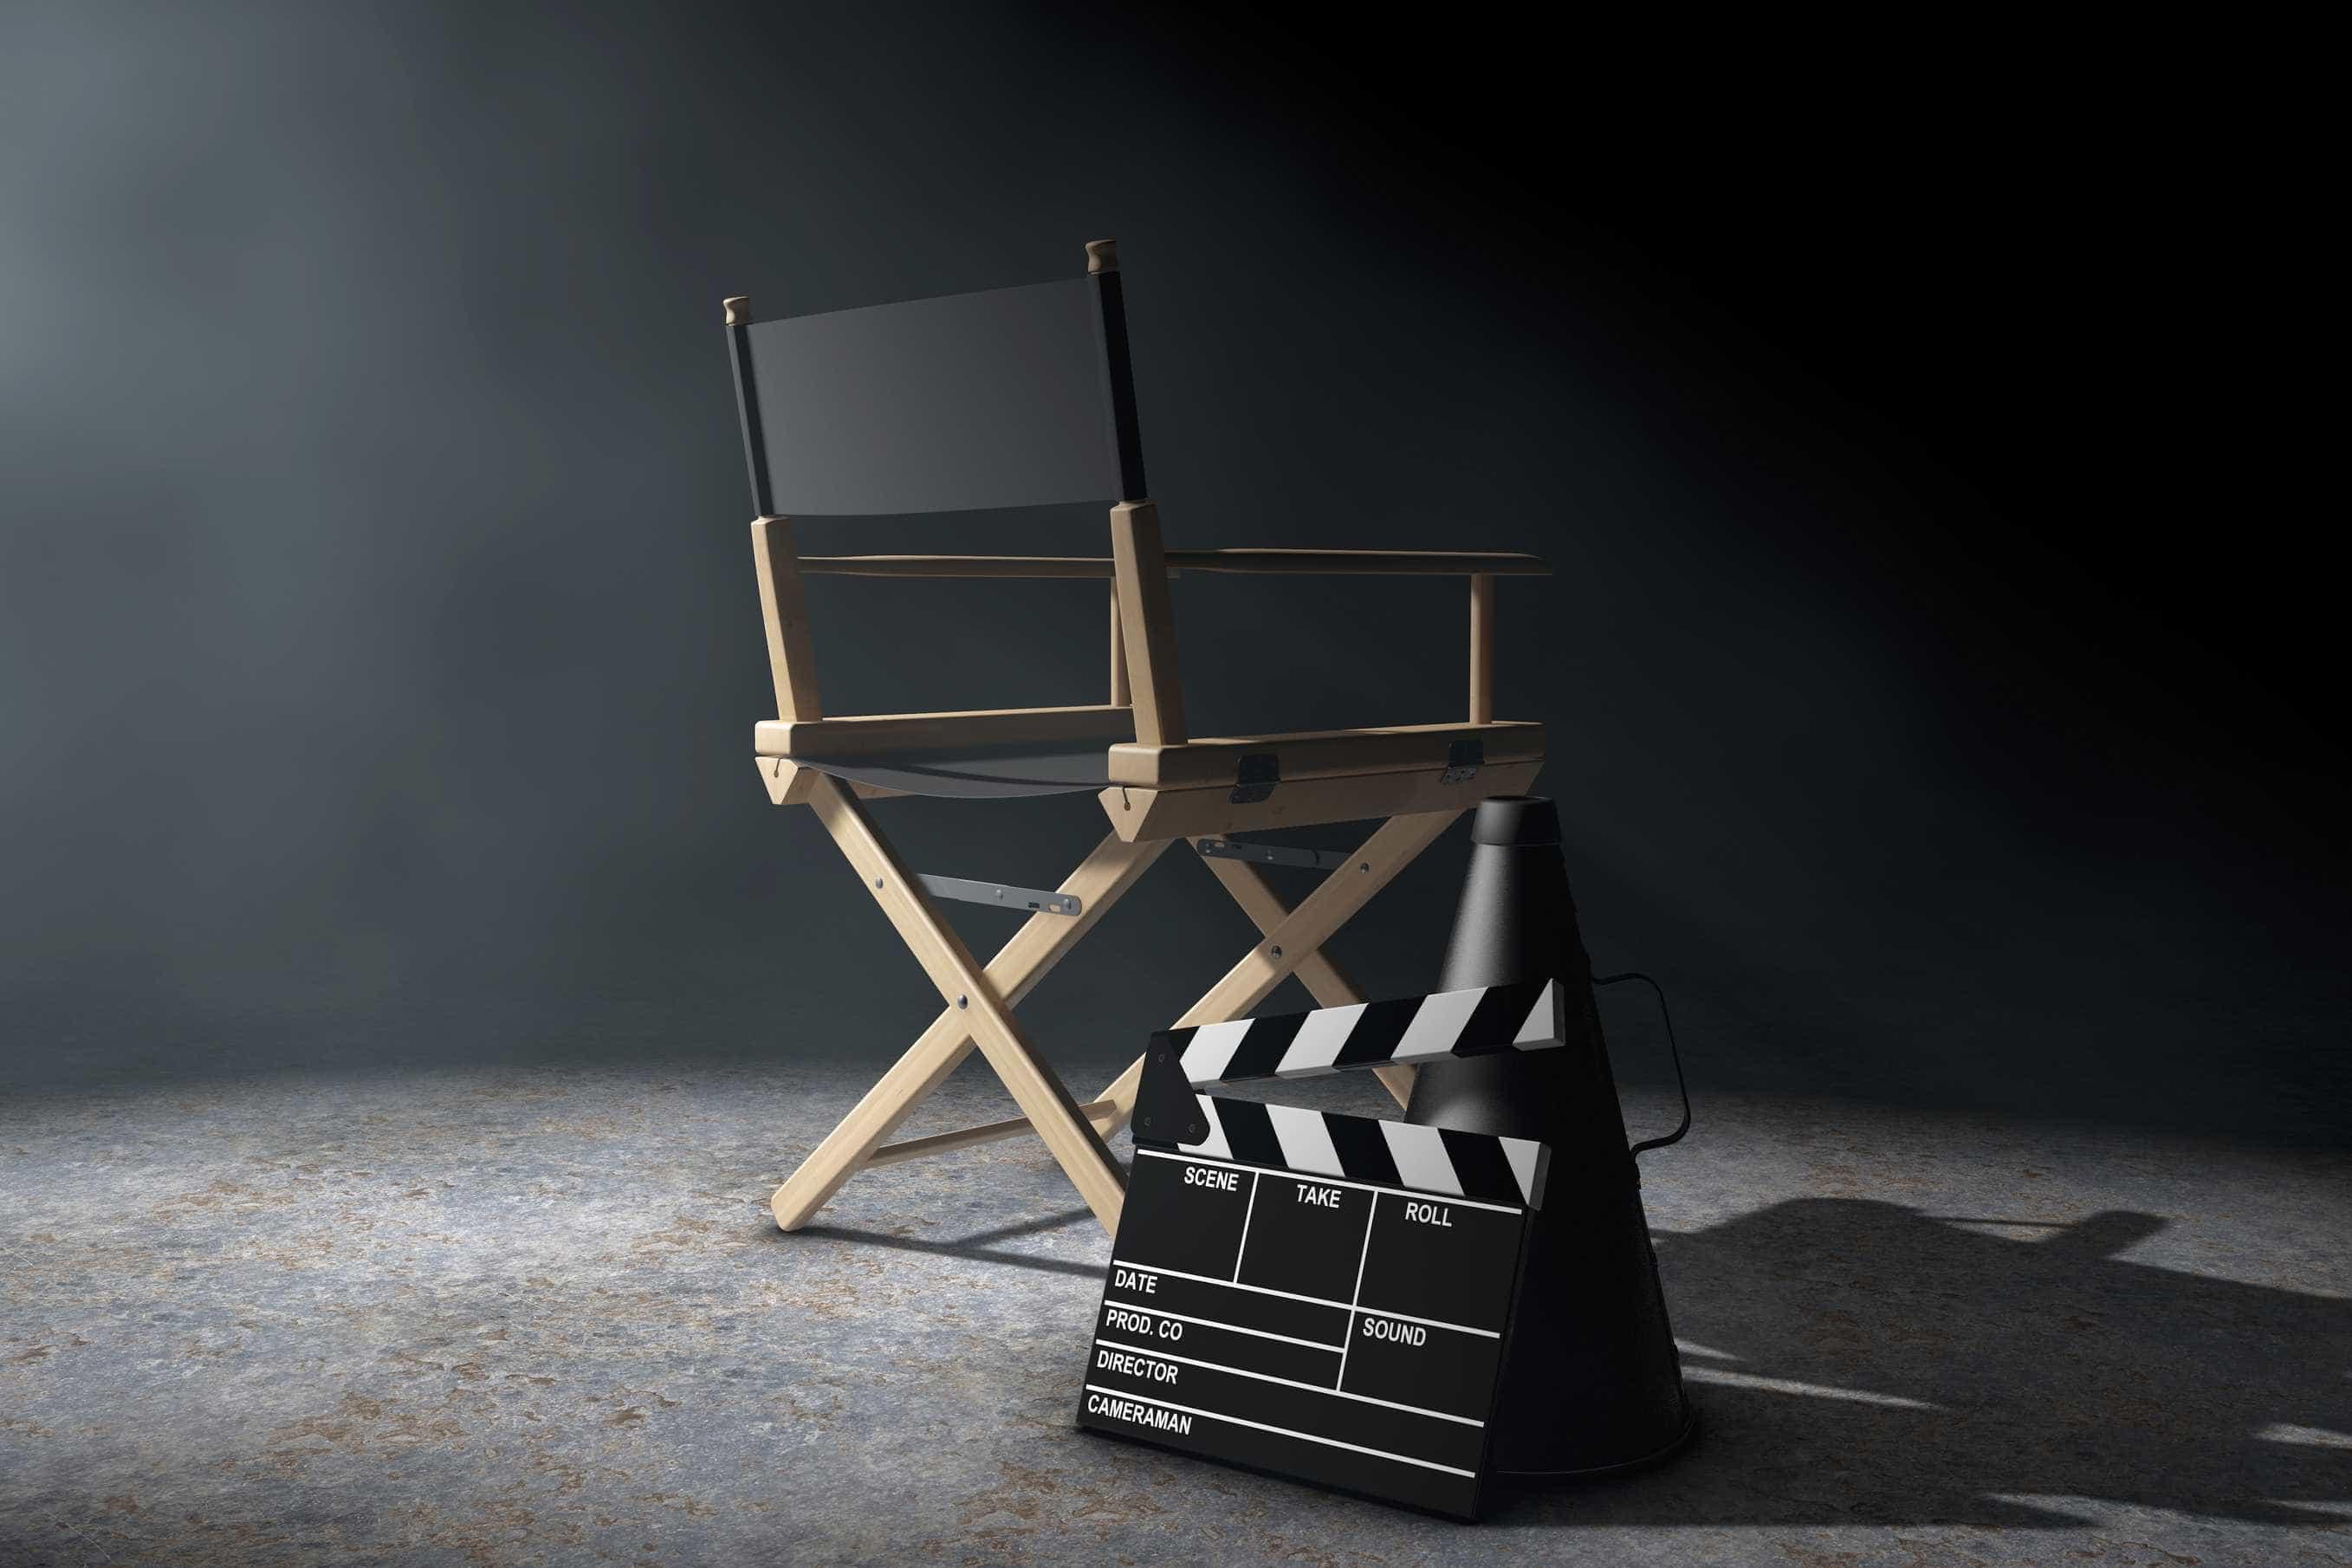 Dez curtas-metragens de animação nacional competem no Monstra